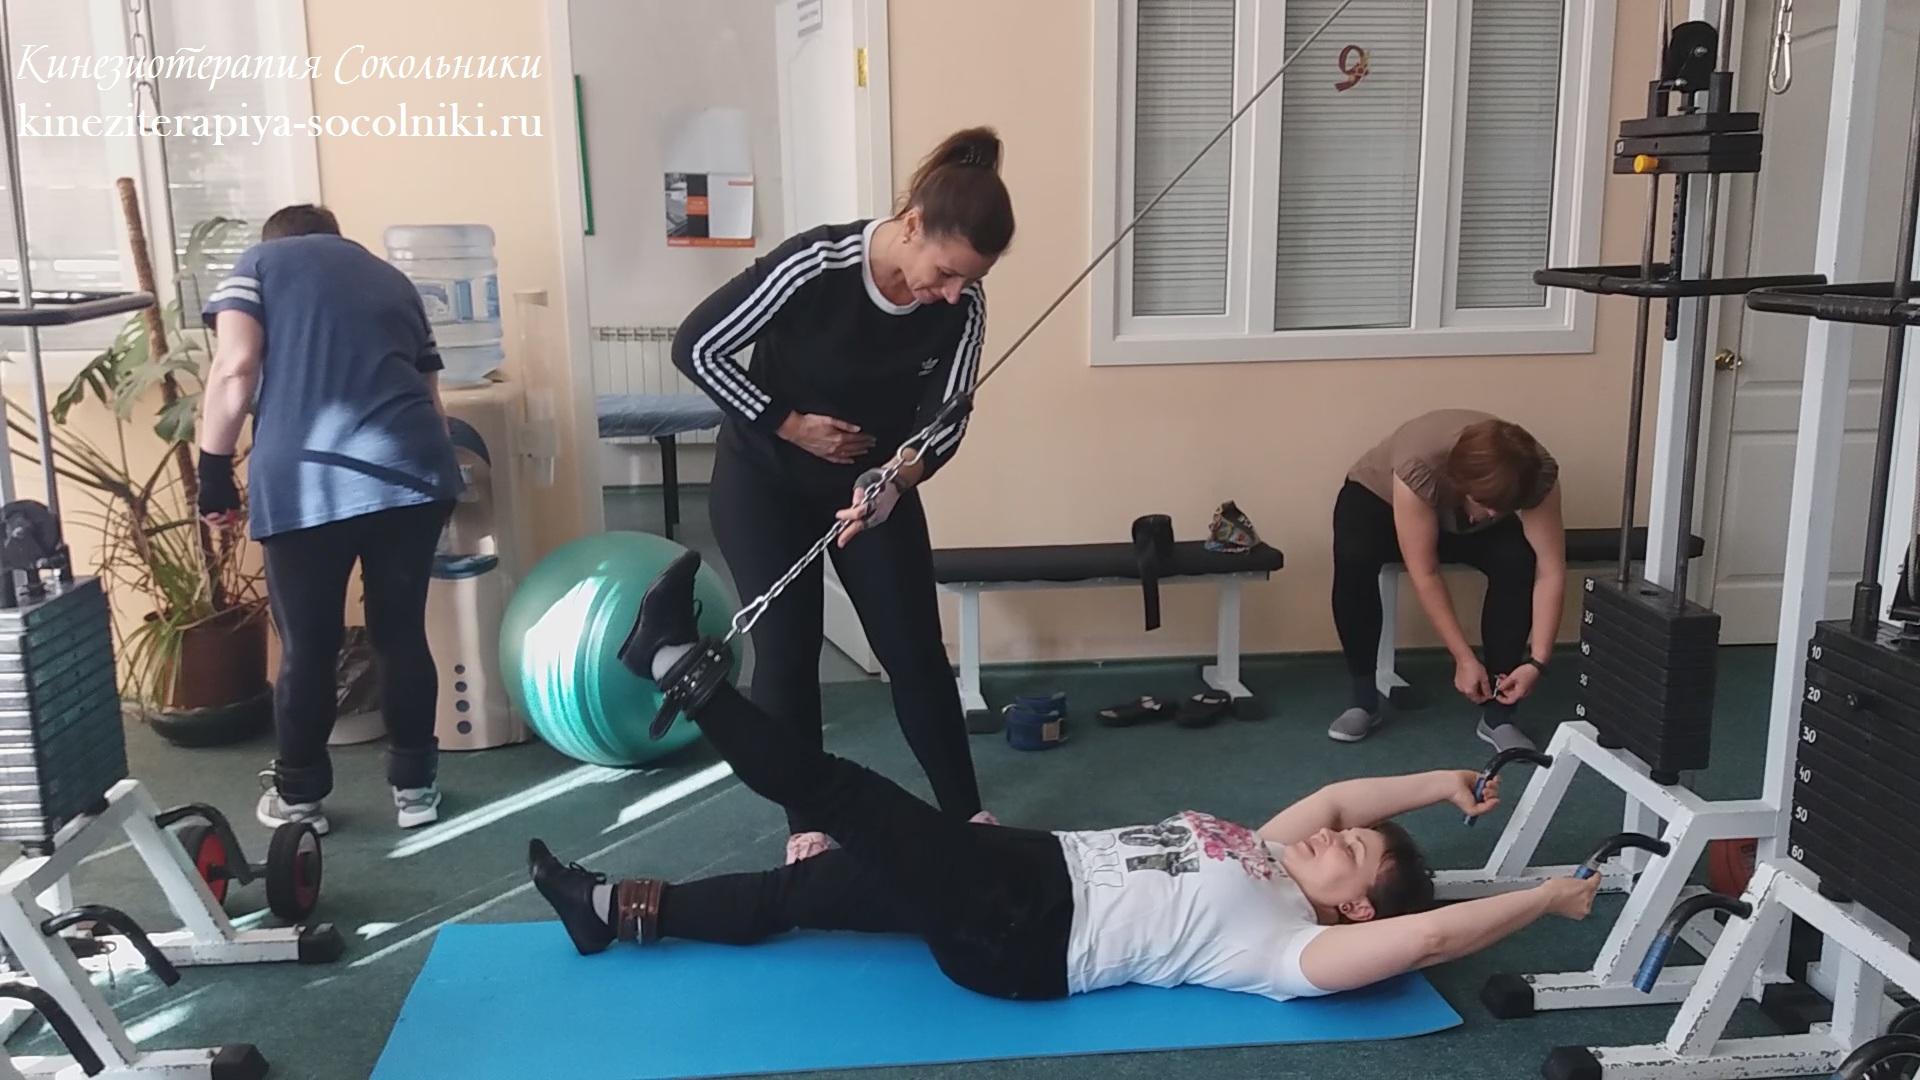 Занятия в тренажёрном зале Женский. Оздоровительный центр реабилитации и кинезиотерапии в парке Сокольники.